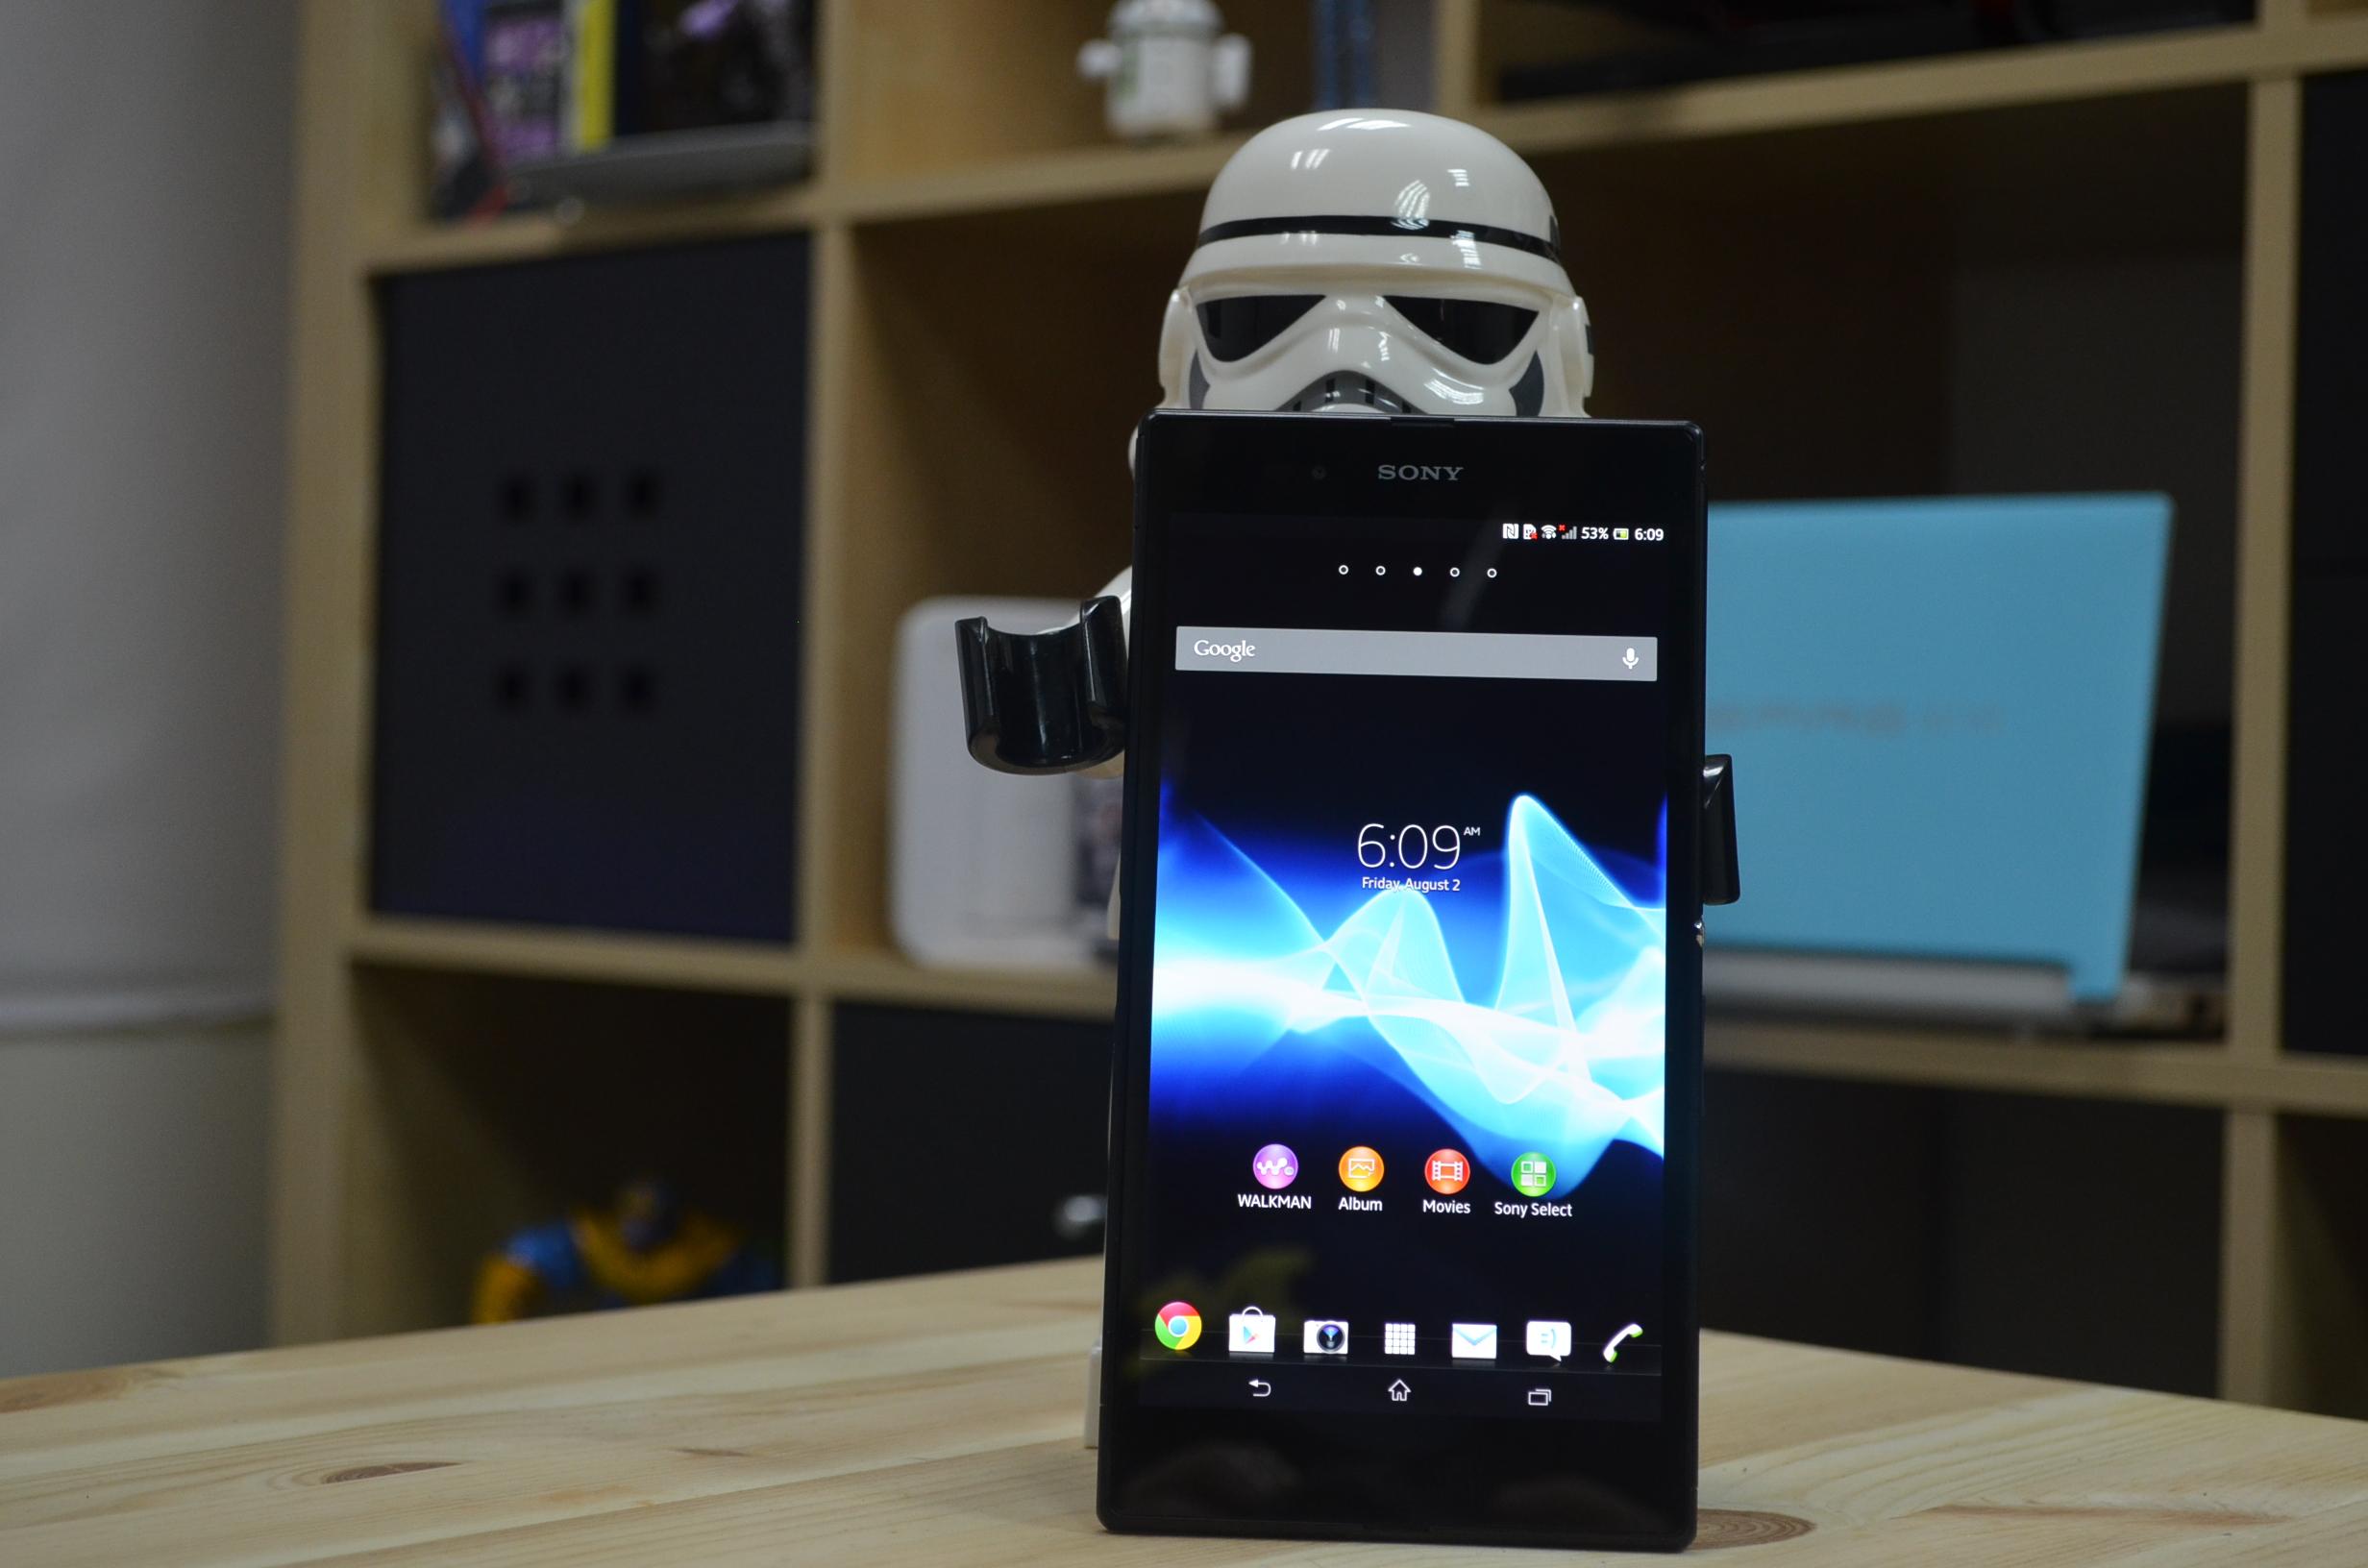 Sony Xperia Z Ultra im ausfuehrlichen Unboxing, Hands On und Vergleich [Video]